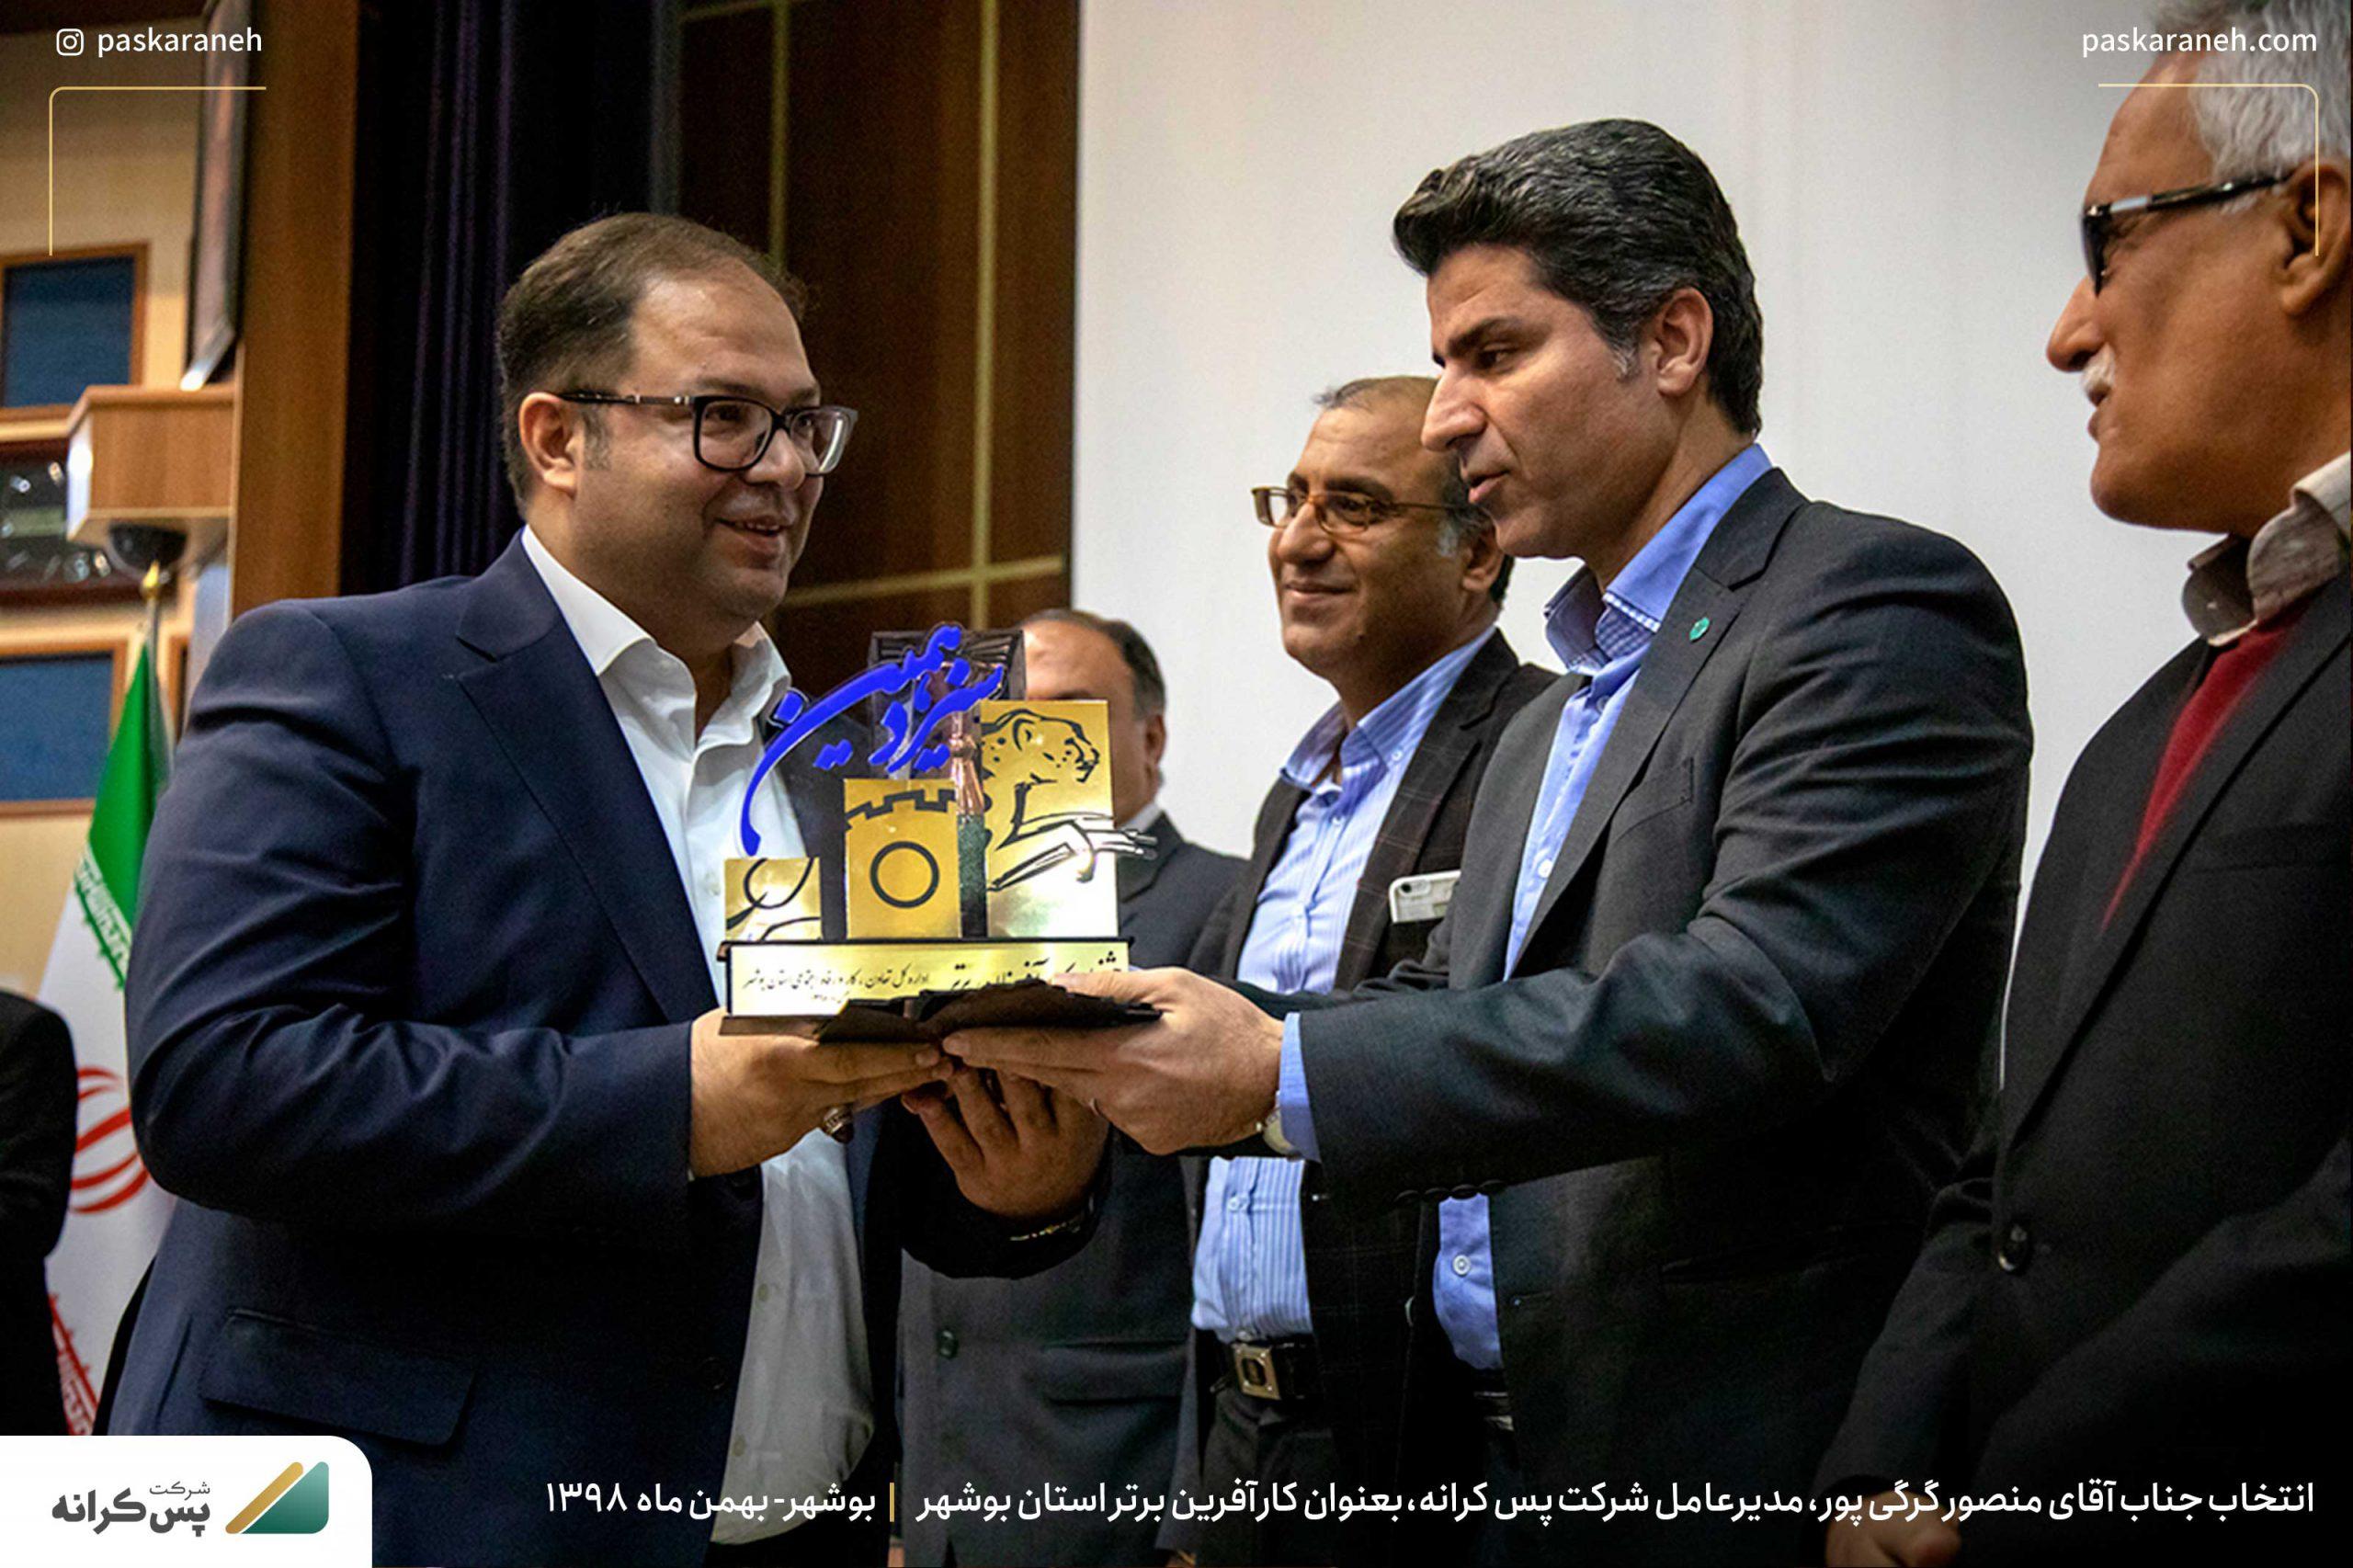 خلیج فارس: کارآفرینهای برتر استان تقدیر شدند